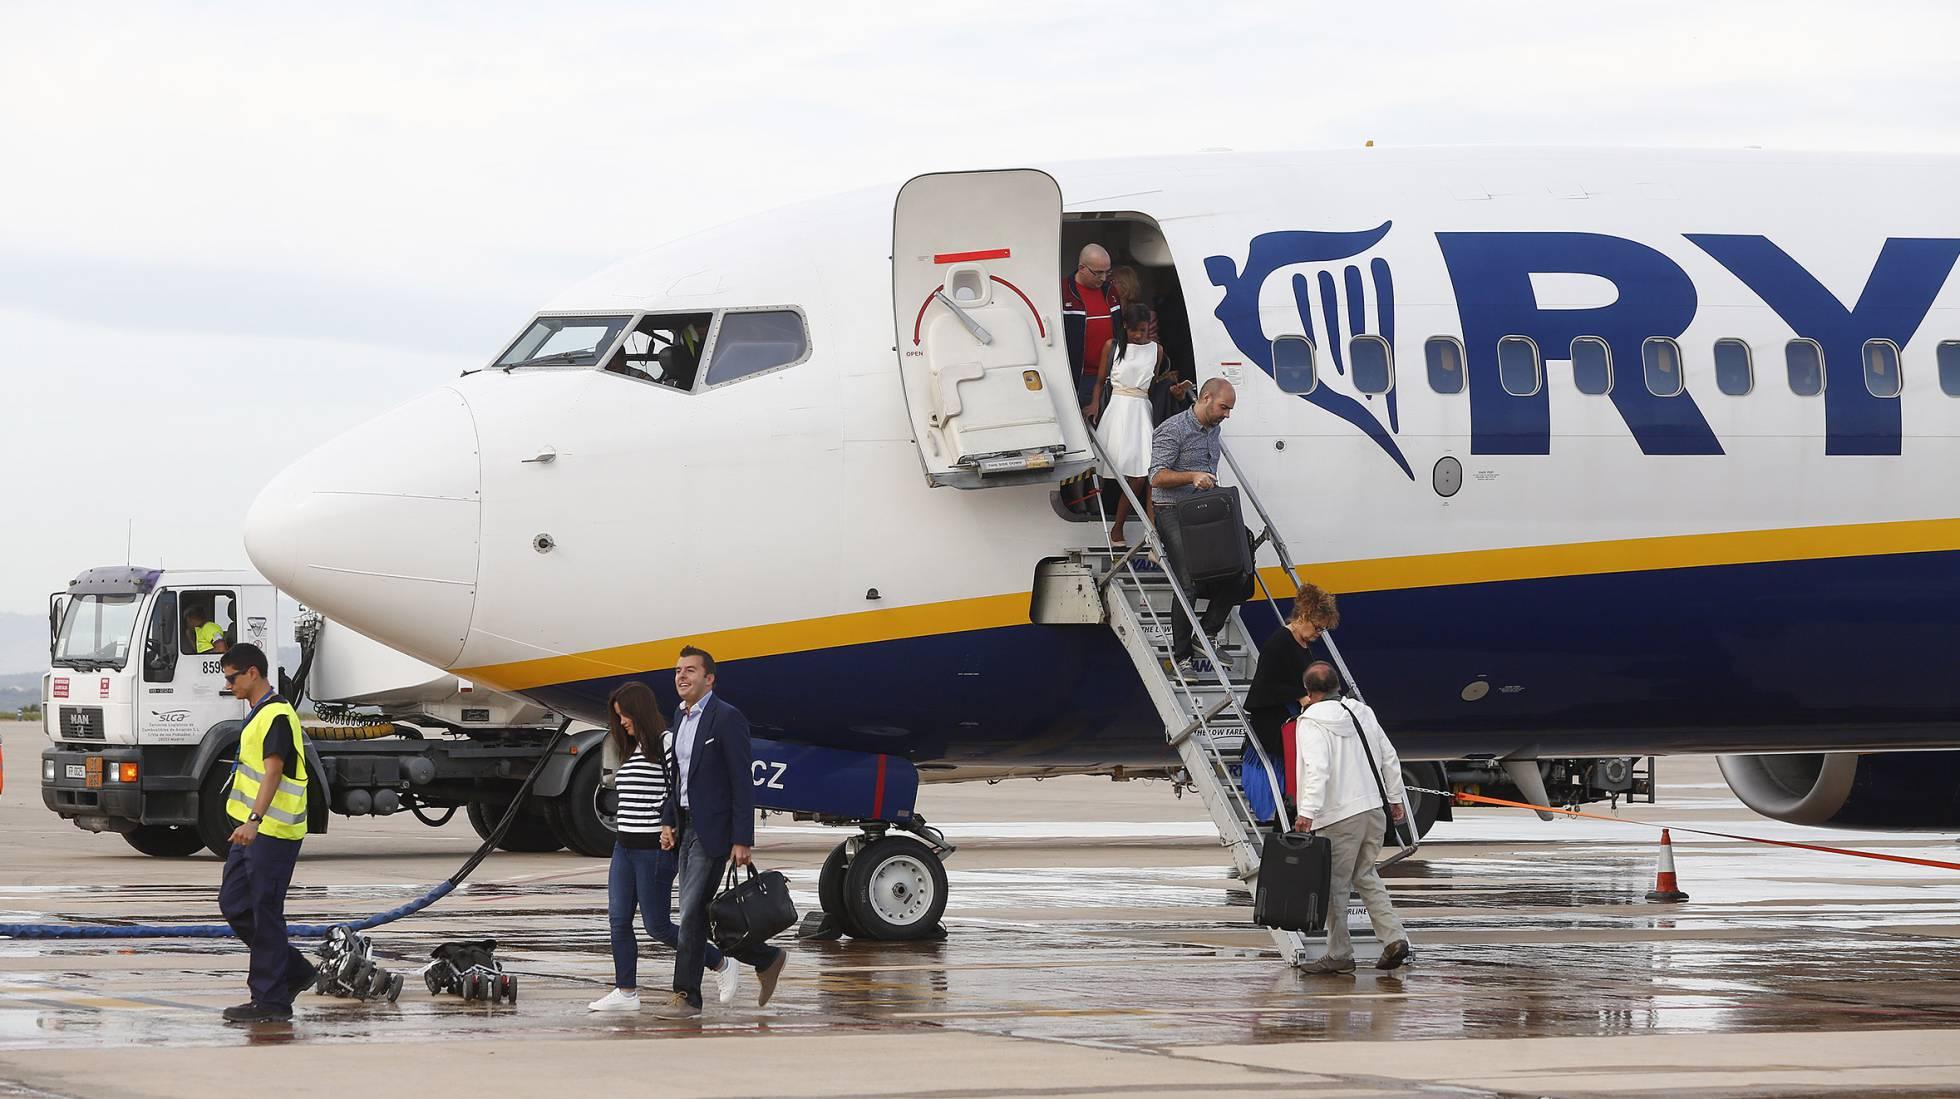 En EL MUNDO: Ryanair se resigna a hacer contratos locales en España desde principios de 2019